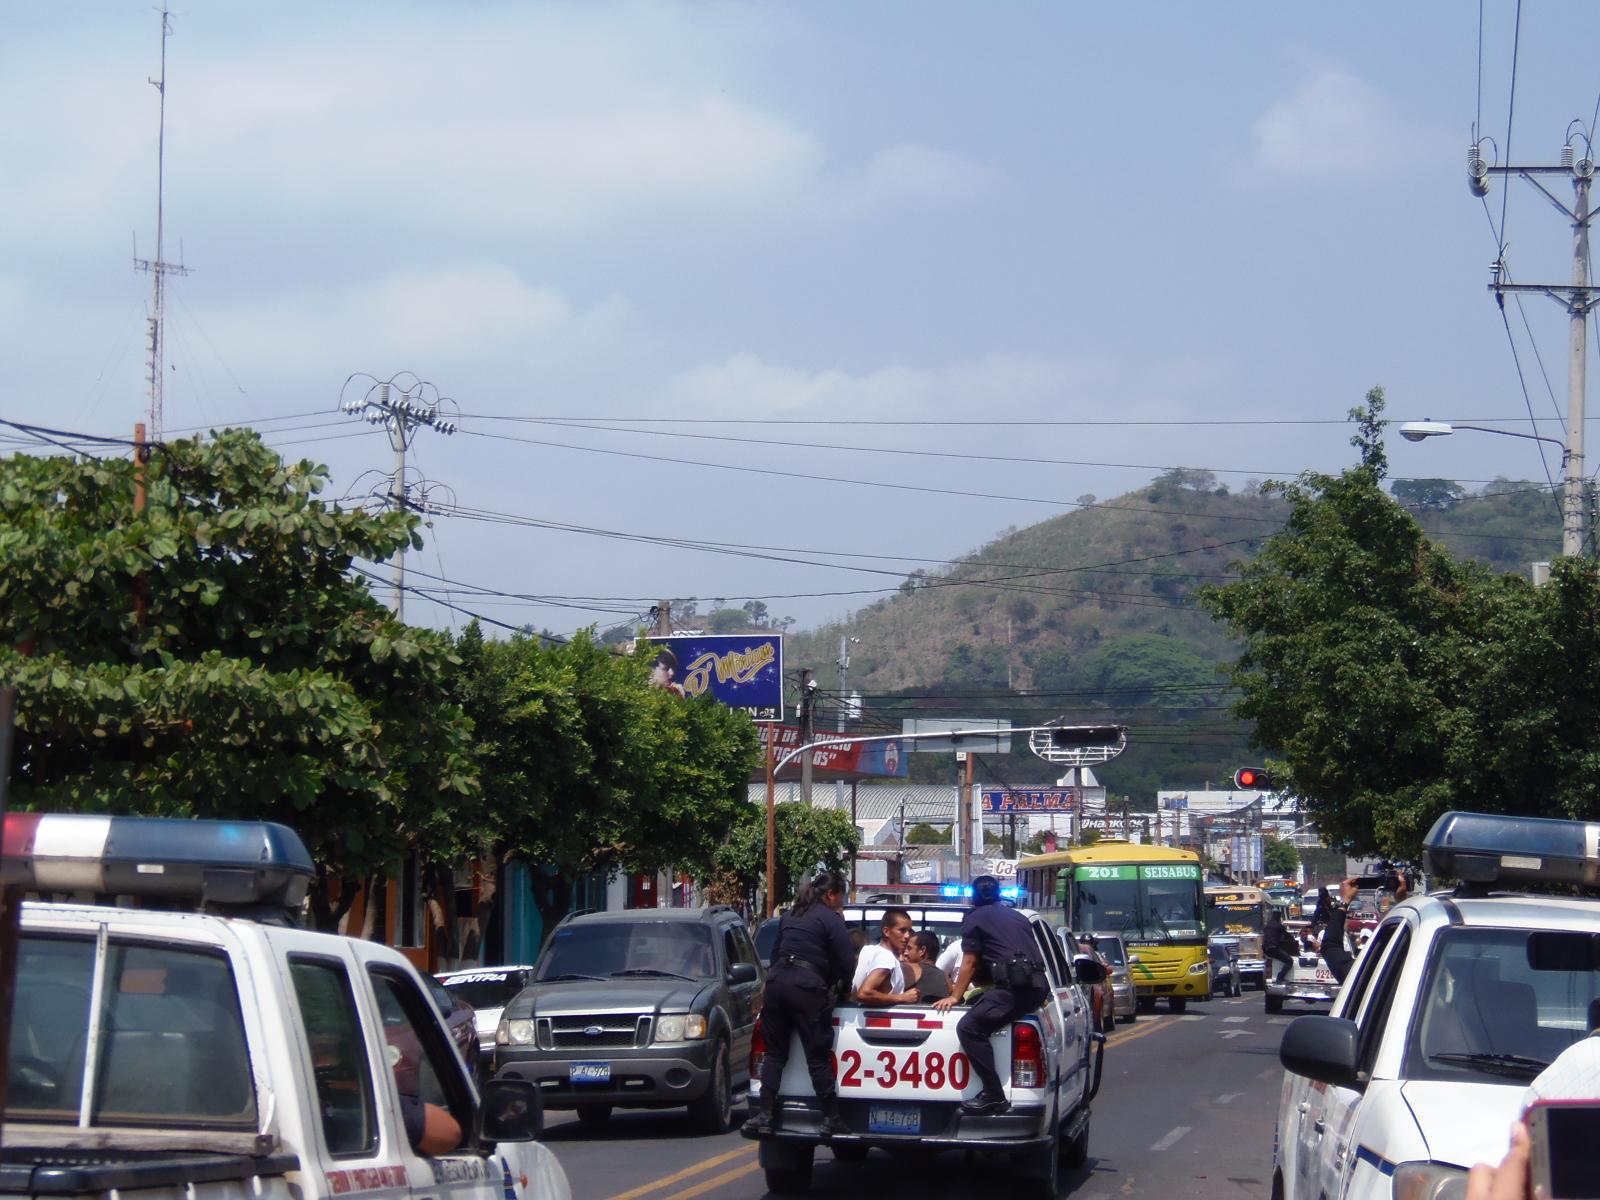 Autoridades de seguridad buscan combatir la delincuencia en El Salvador